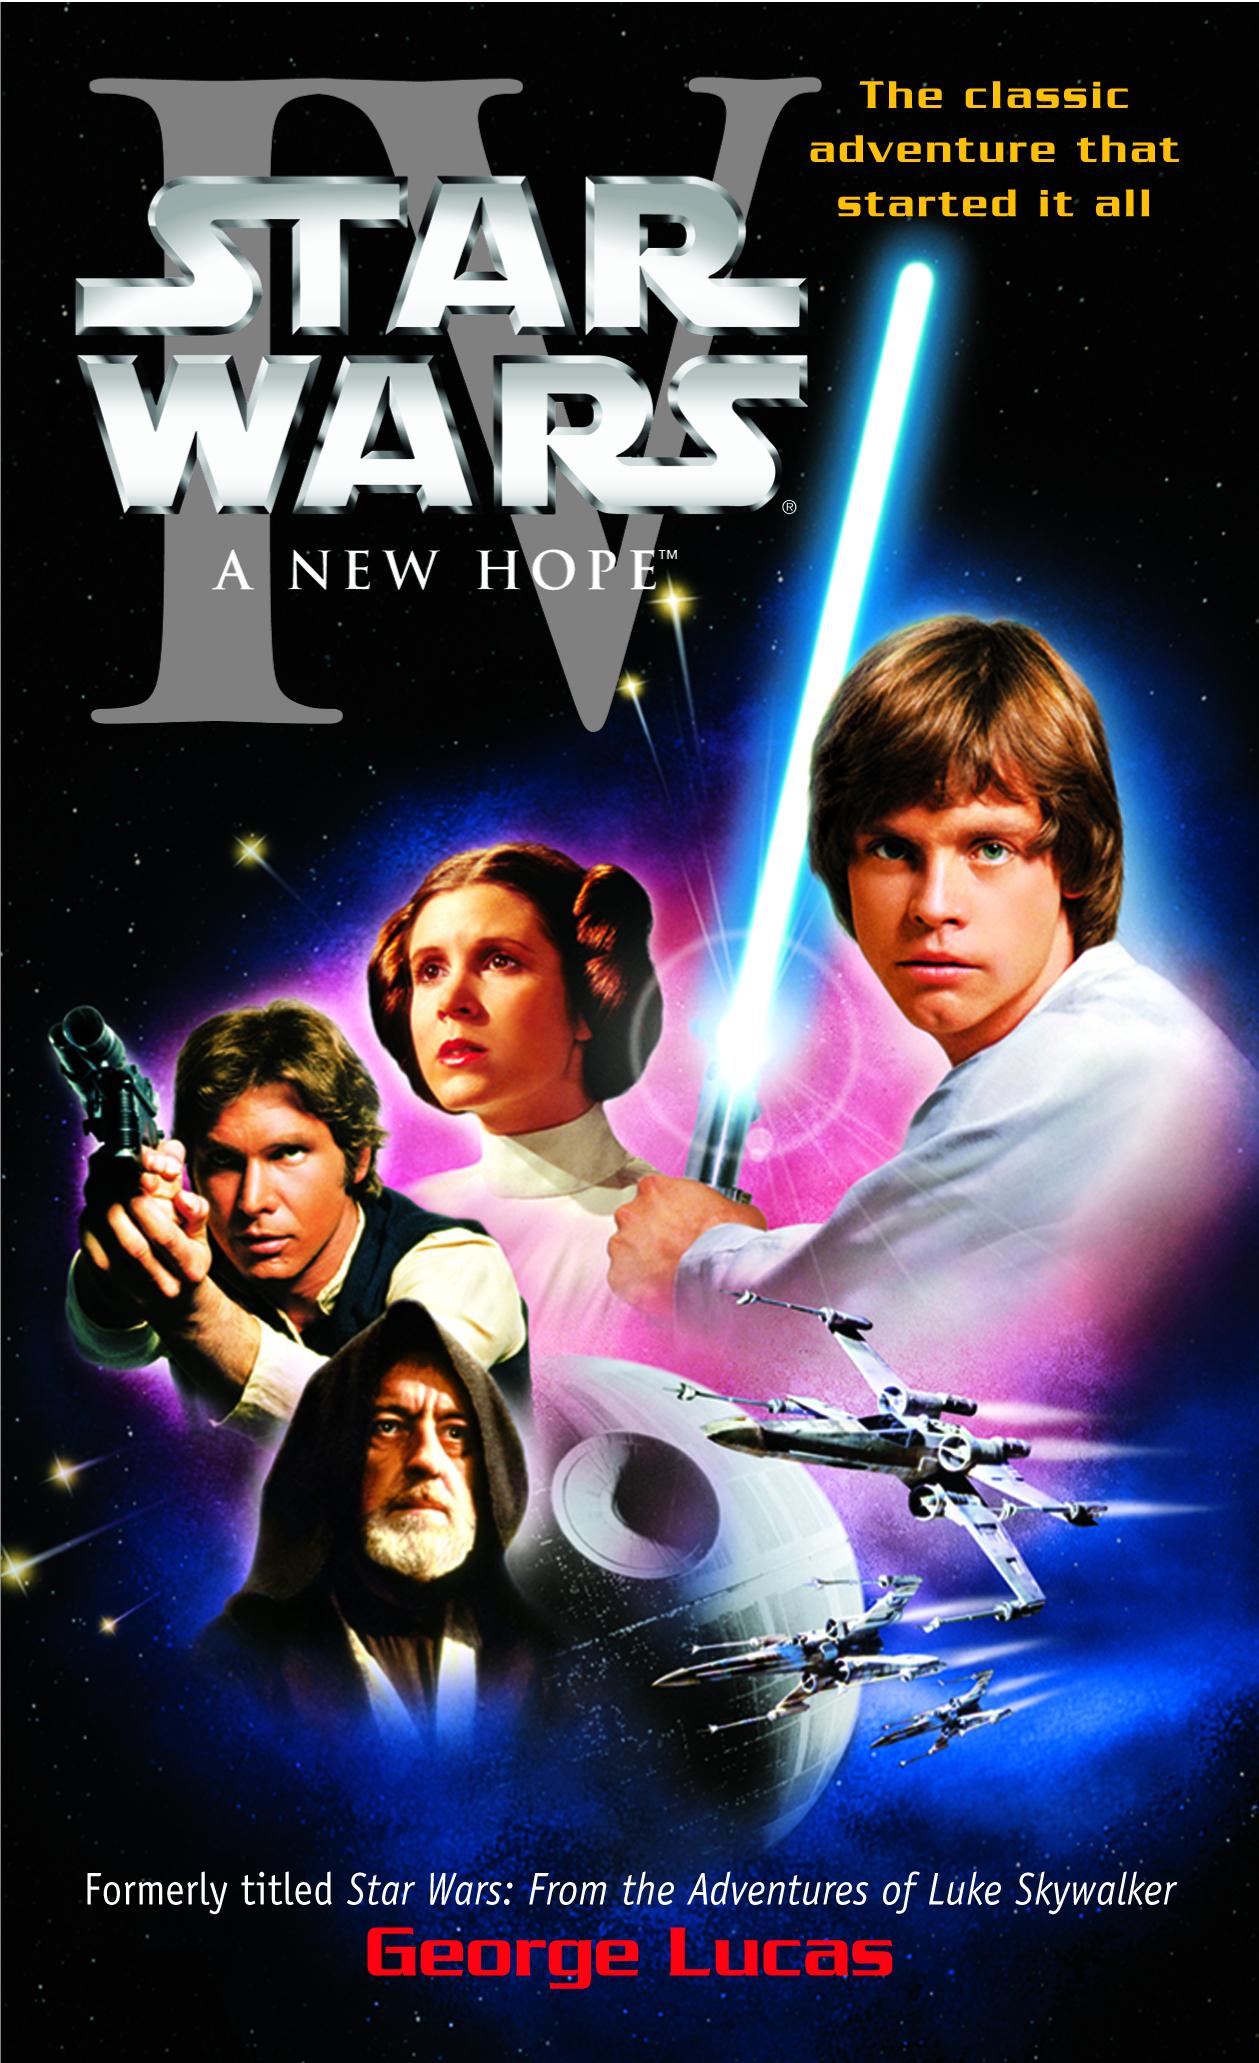 Star wars episode iv soundtrack